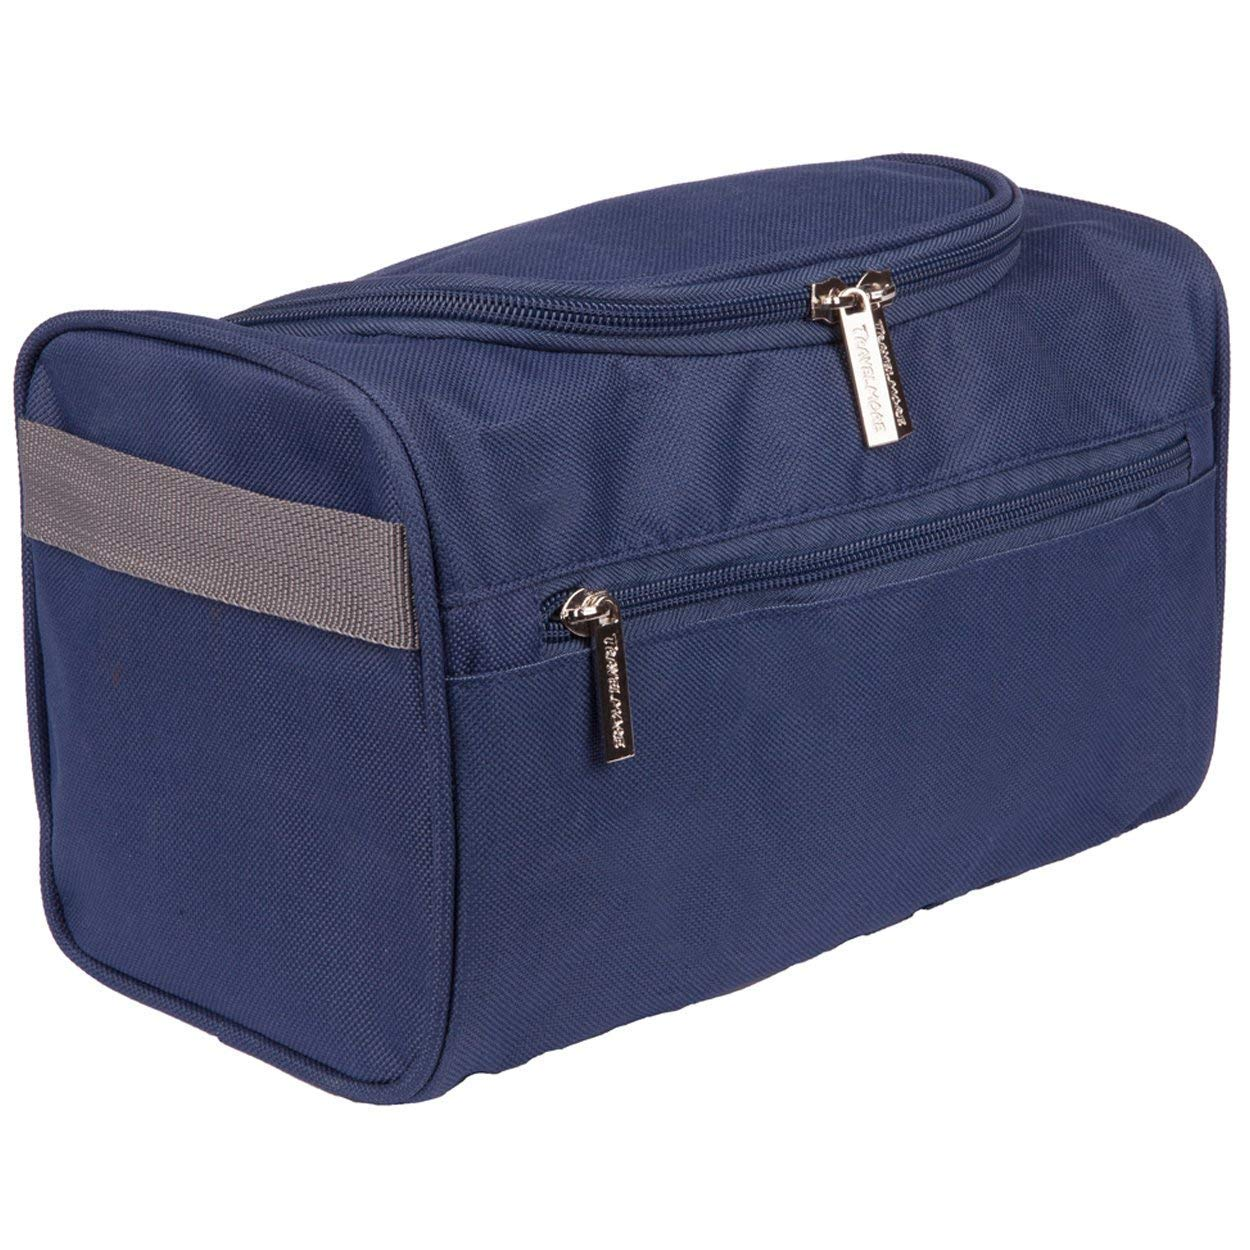 appeso da uomo trousse da viaggio lavare la borsa rasatura kit perfetto per toelettatura Dimensioni da viaggio da toeletta Blue CN